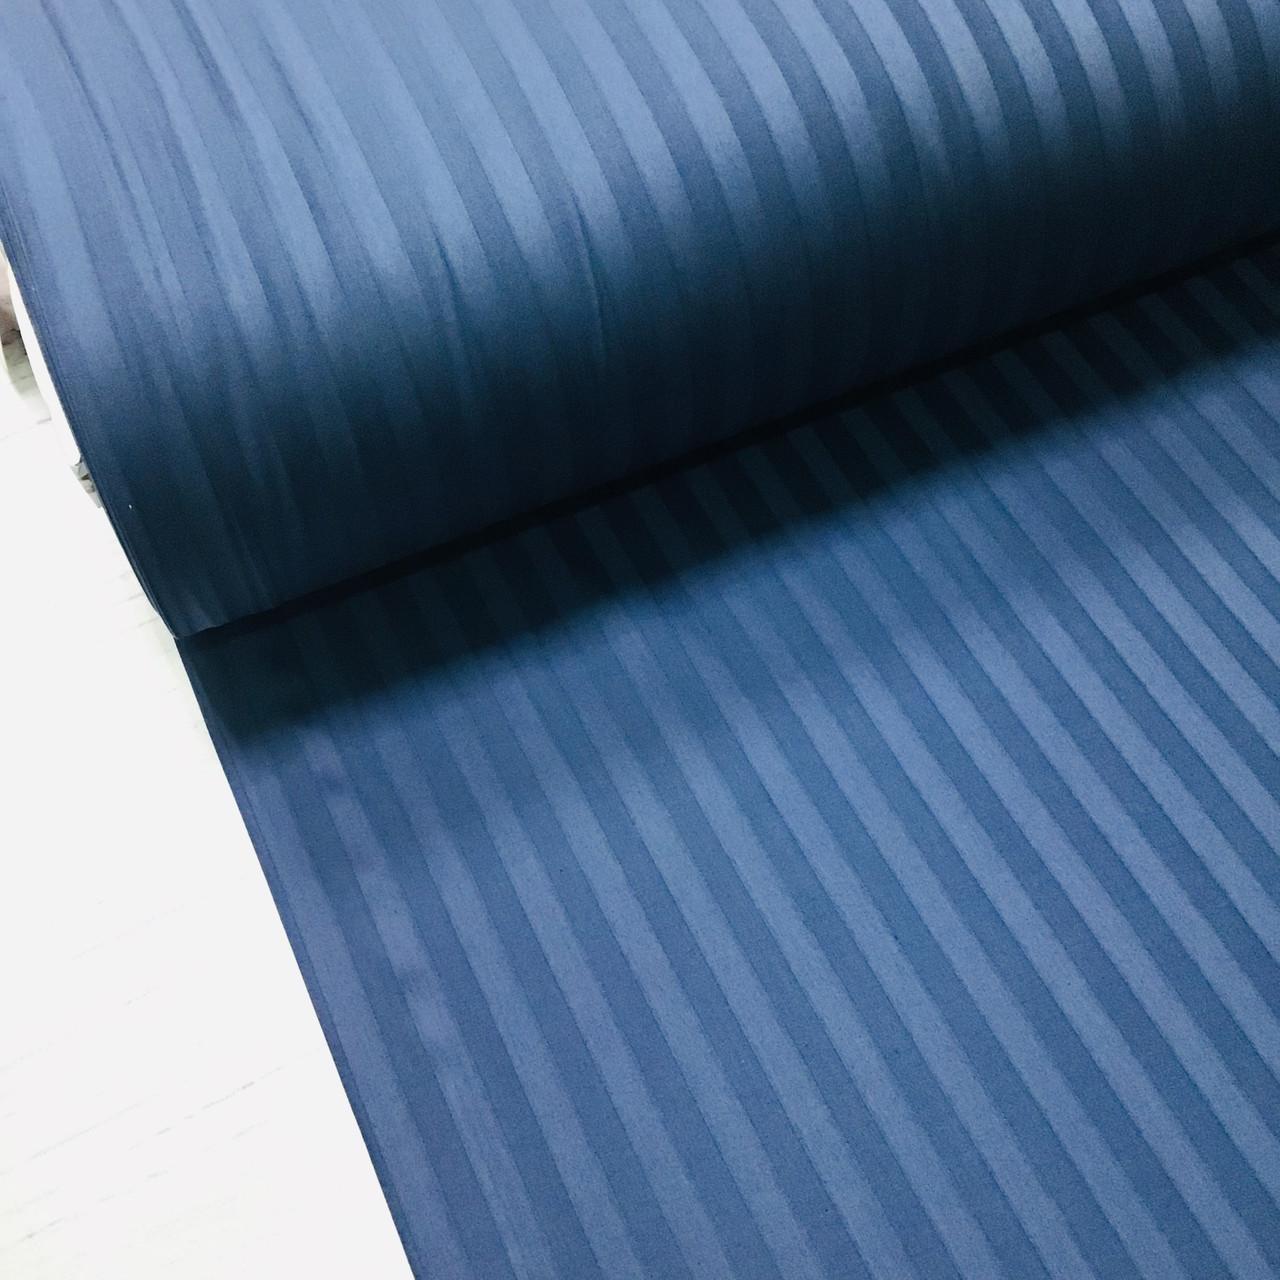 Сатин 100% хлопок  (ТУРЦИЯ шир. 2,4 м) Stripes синий ОТРЕЗ(1,3*2,4м)